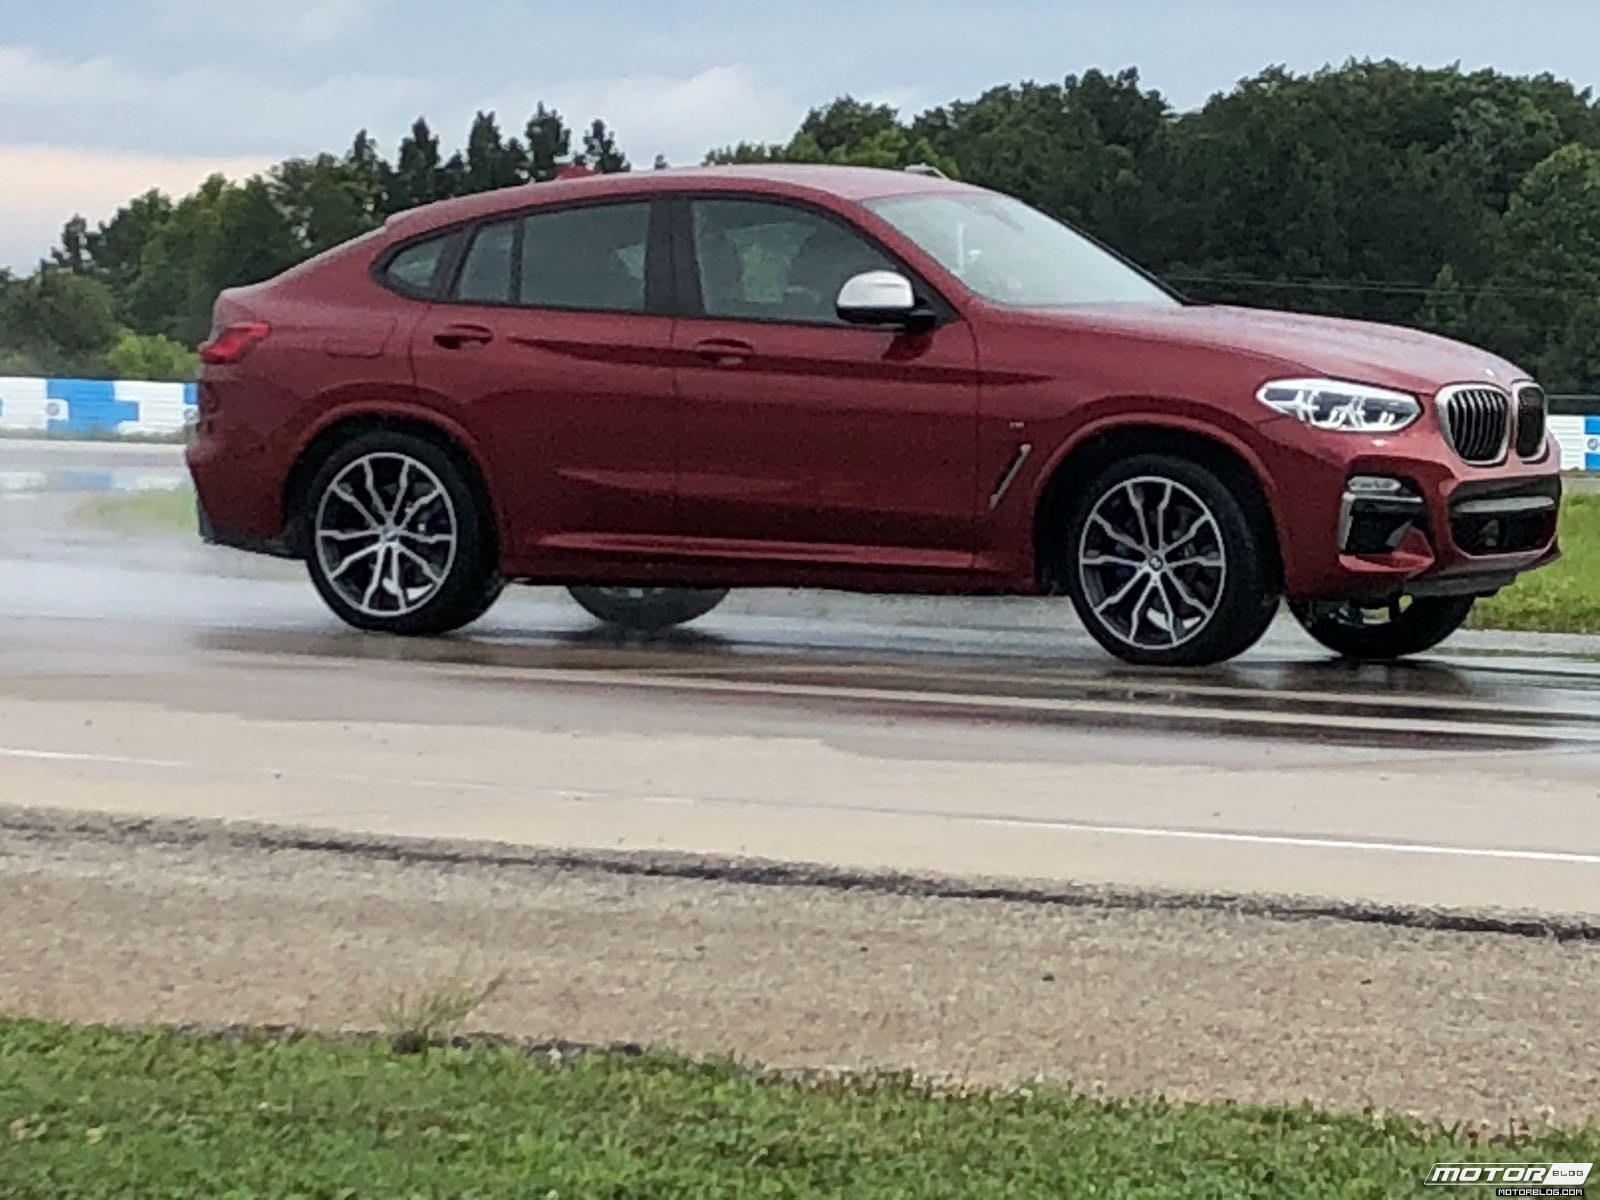 Testfahrt mit dem BMW X4 M40d in Spartanberg